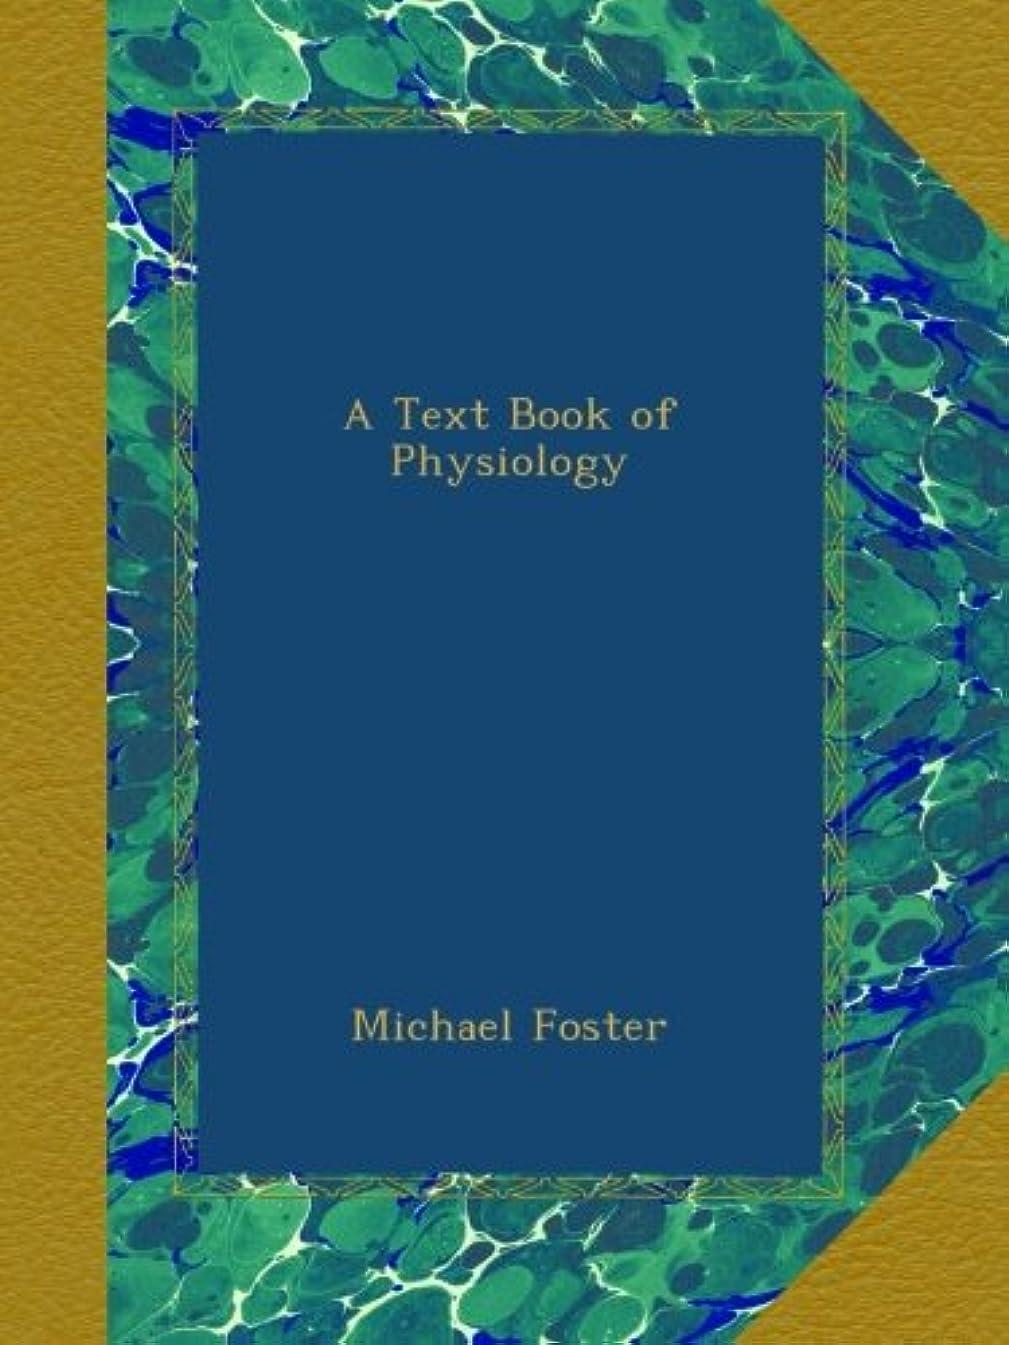 歴史的聞きます競合他社選手A Text Book of Physiology